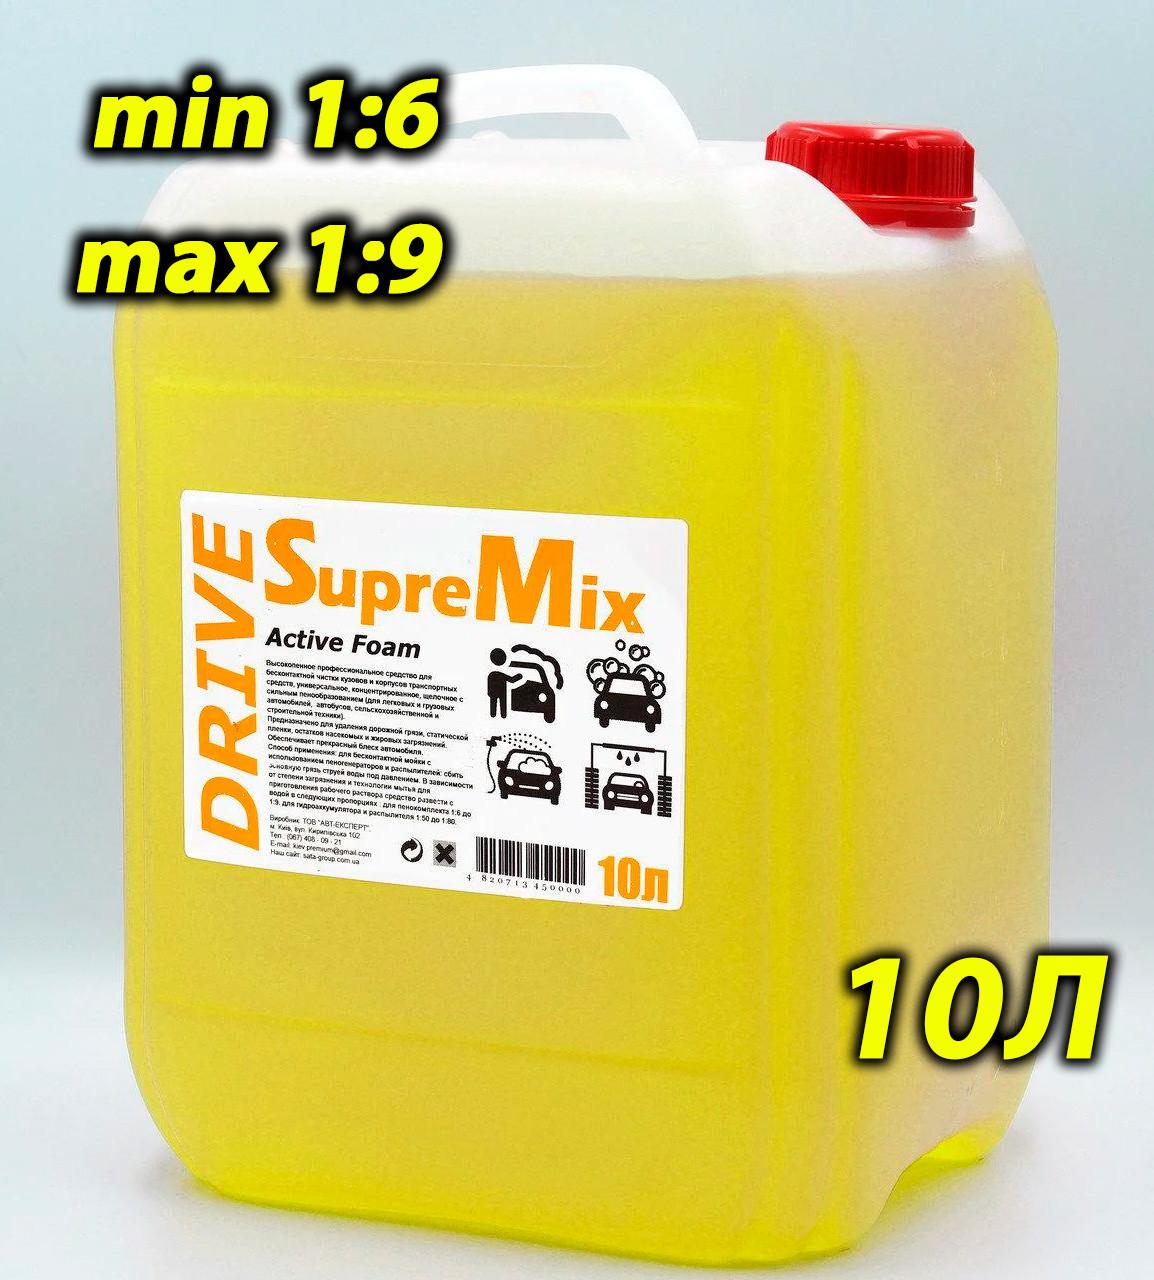 Активная пена для бесконтактной мойки SupreMix Drive 1:9 10л